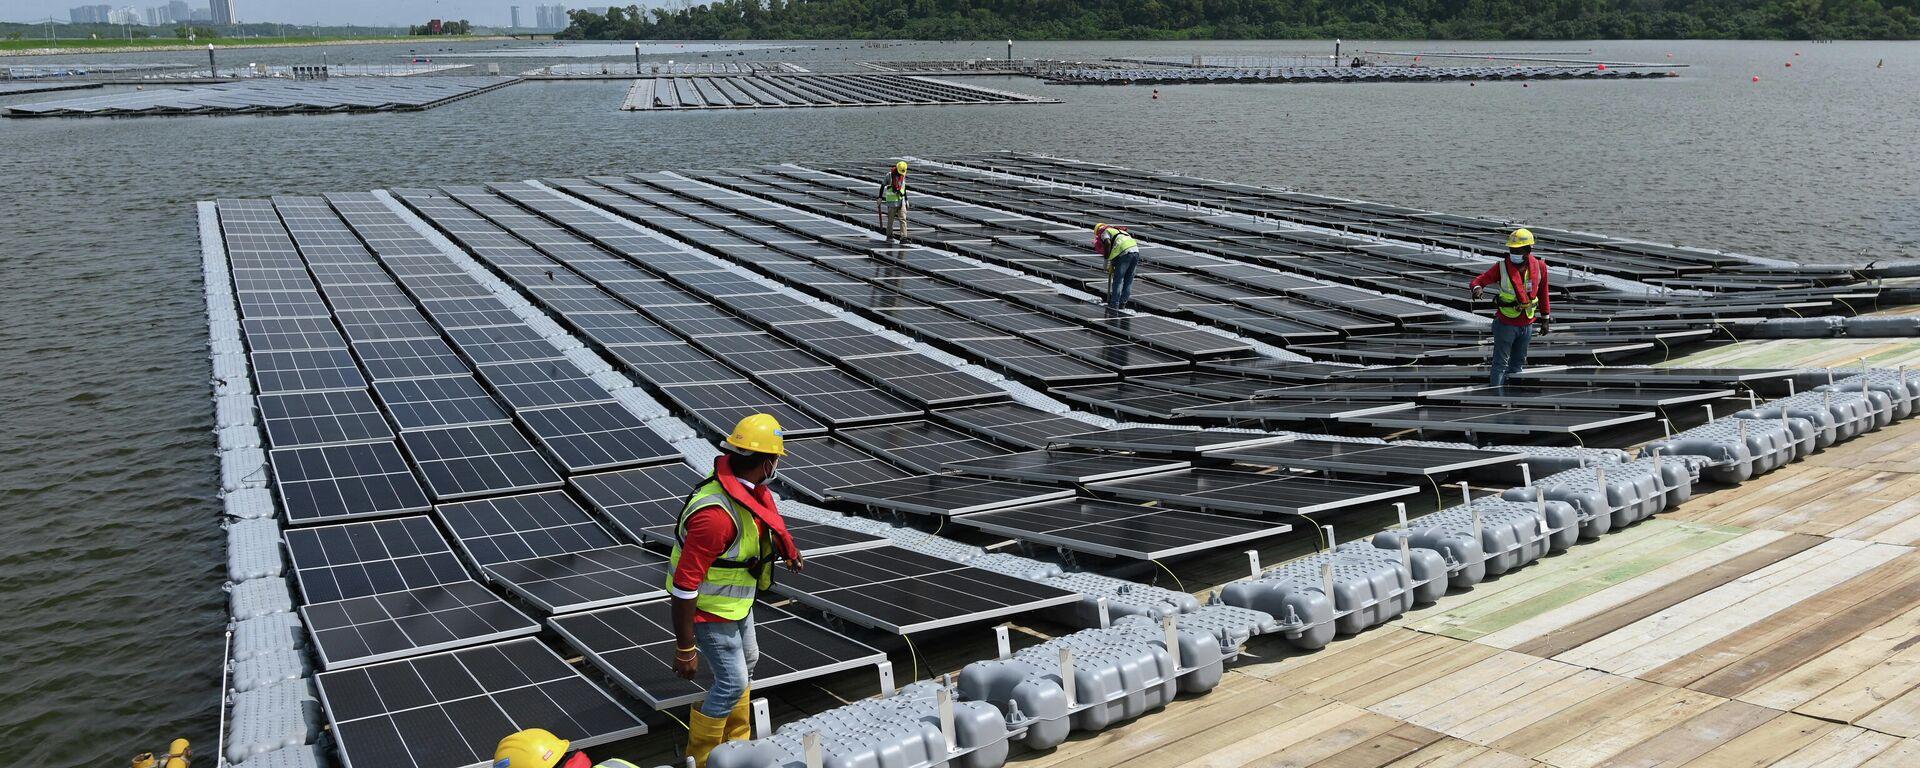 Bau einer schwimmenden Solarzelle in Singapur - SNA, 1920, 09.03.2021